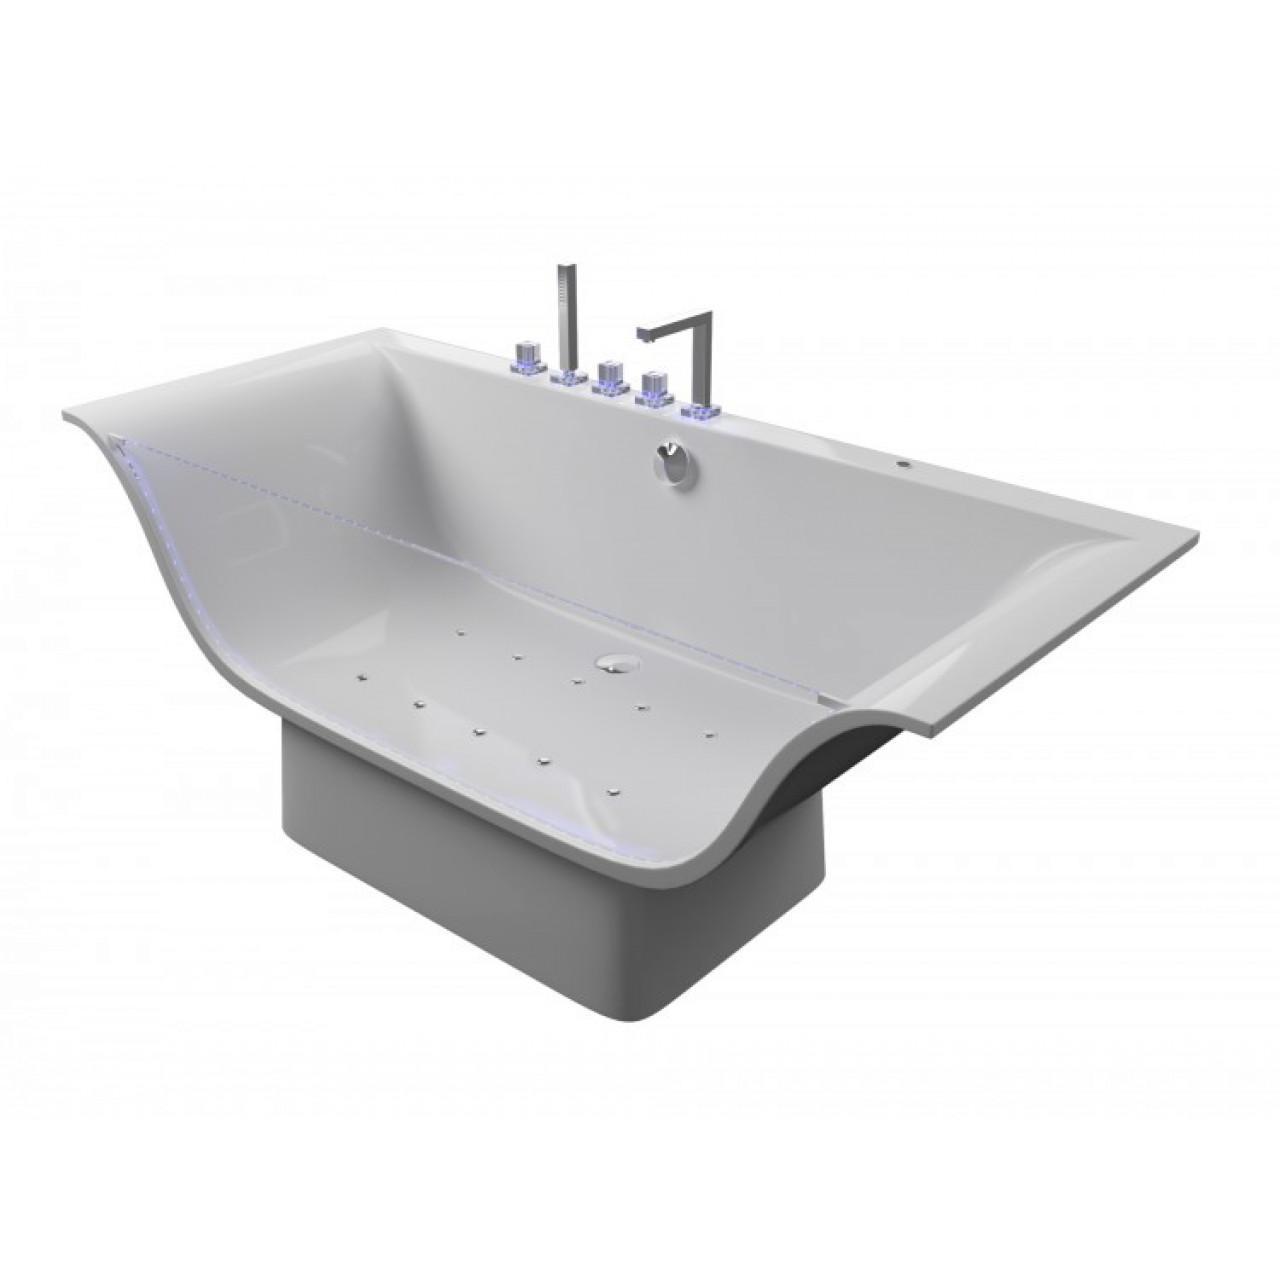 Акриловая ванна Акватика Плазма Basic190x80х70 купить в Москве по цене от 299000р. в интернет-магазине mebel-v-vannu.ru